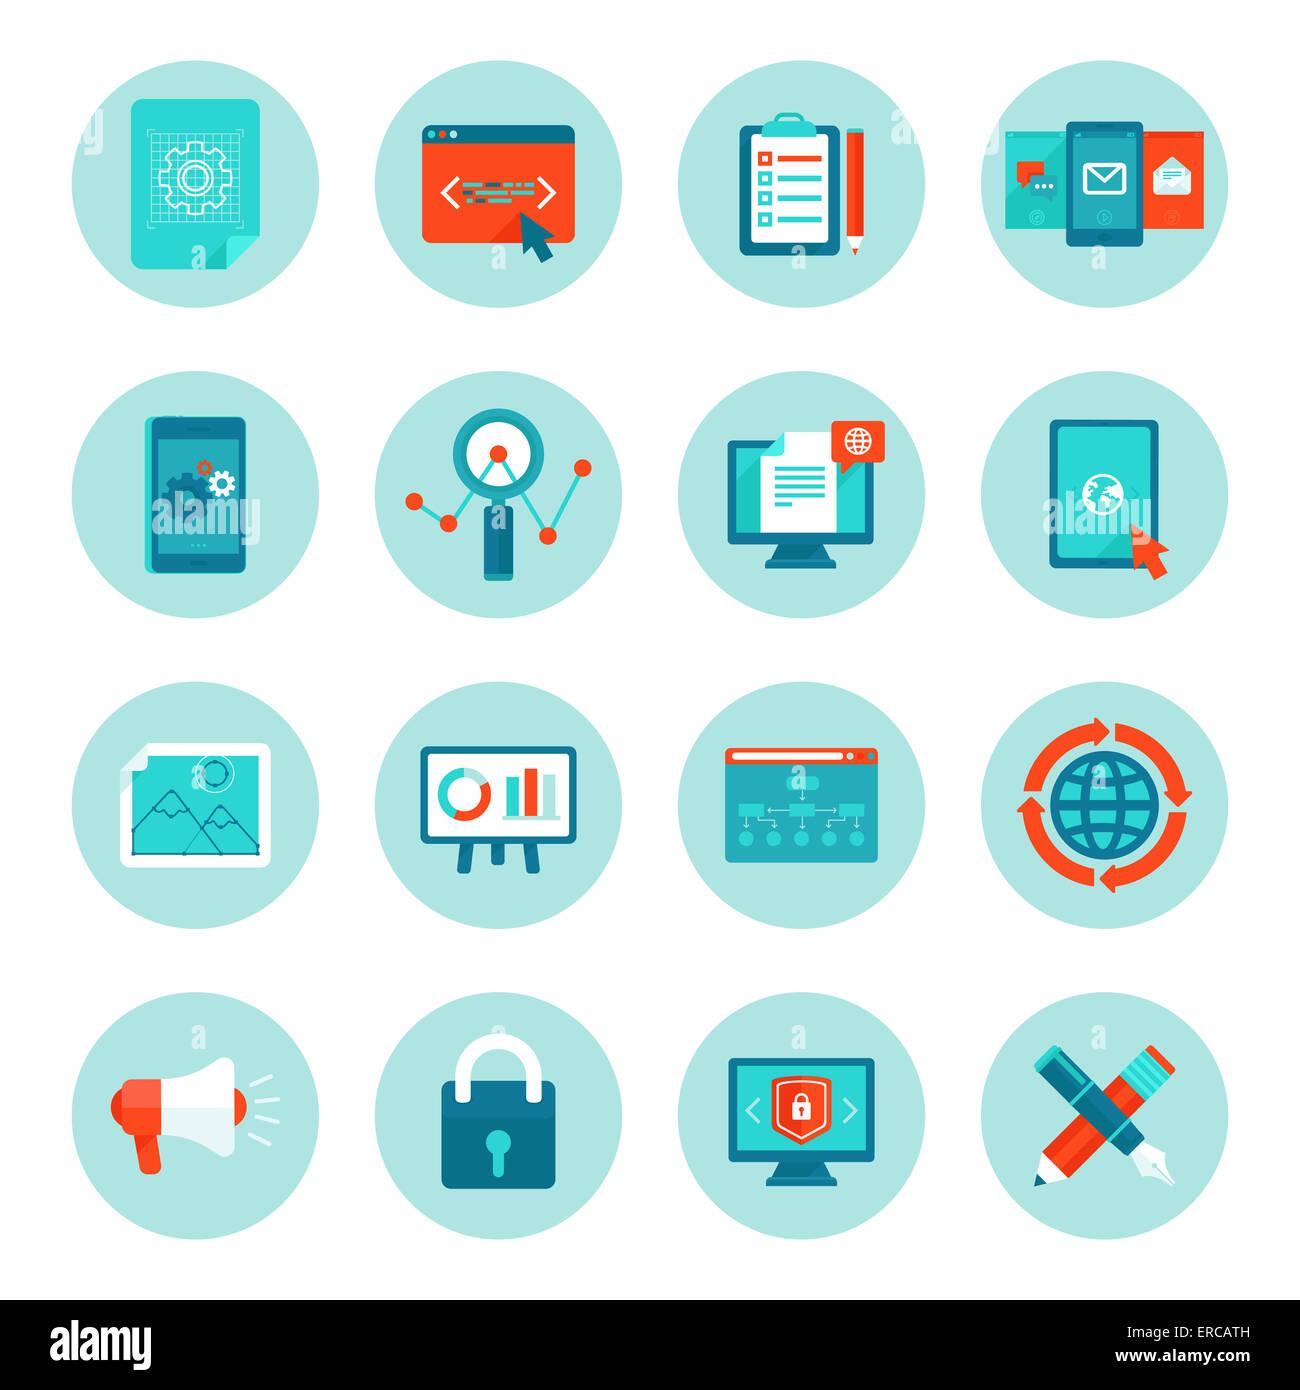 Web-Entwicklung und digitale Marketing-Symbole im flachen Stil - Illustrationen und Zeichen auf Kreis-Hintergrund Stockbild